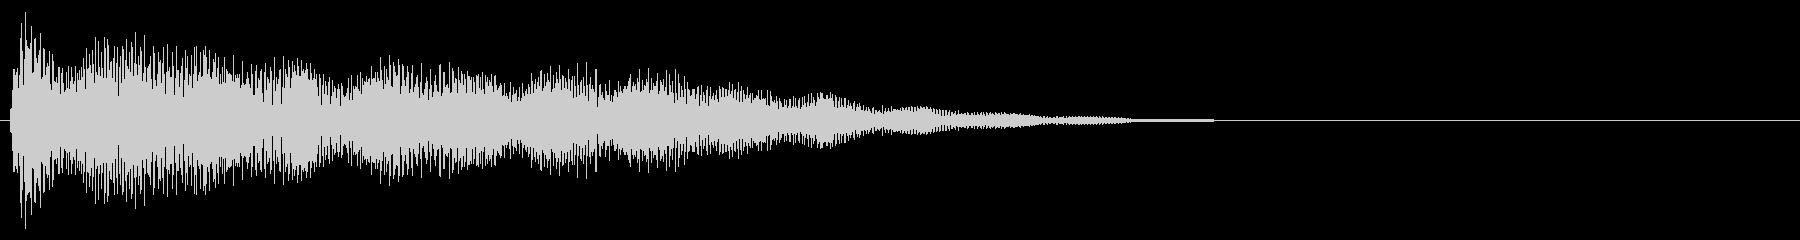 マレット系 タッチ音1(長)の未再生の波形